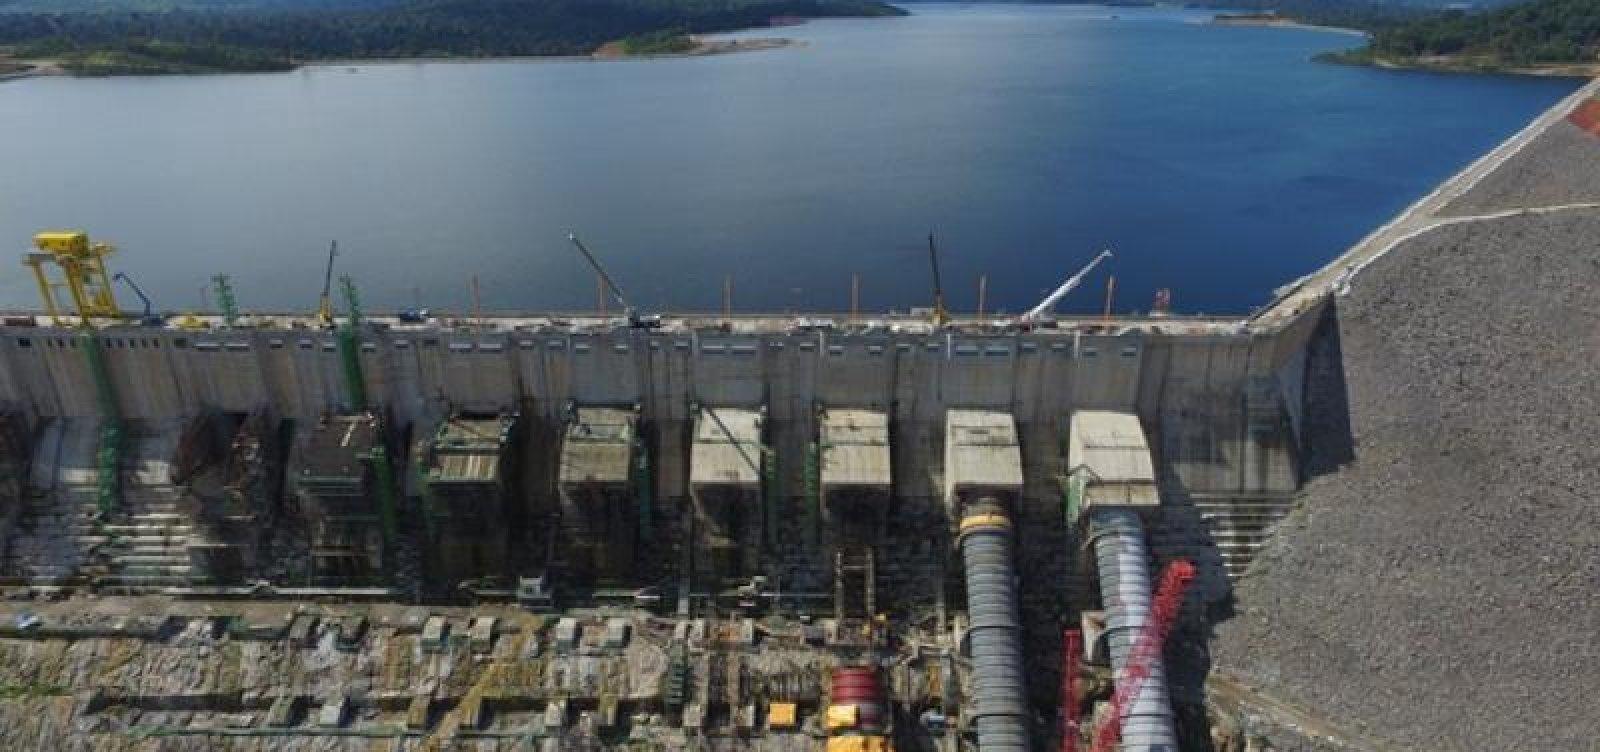 Crise hídrica: reservatórios registram menor armazenamento de água em 21 anos